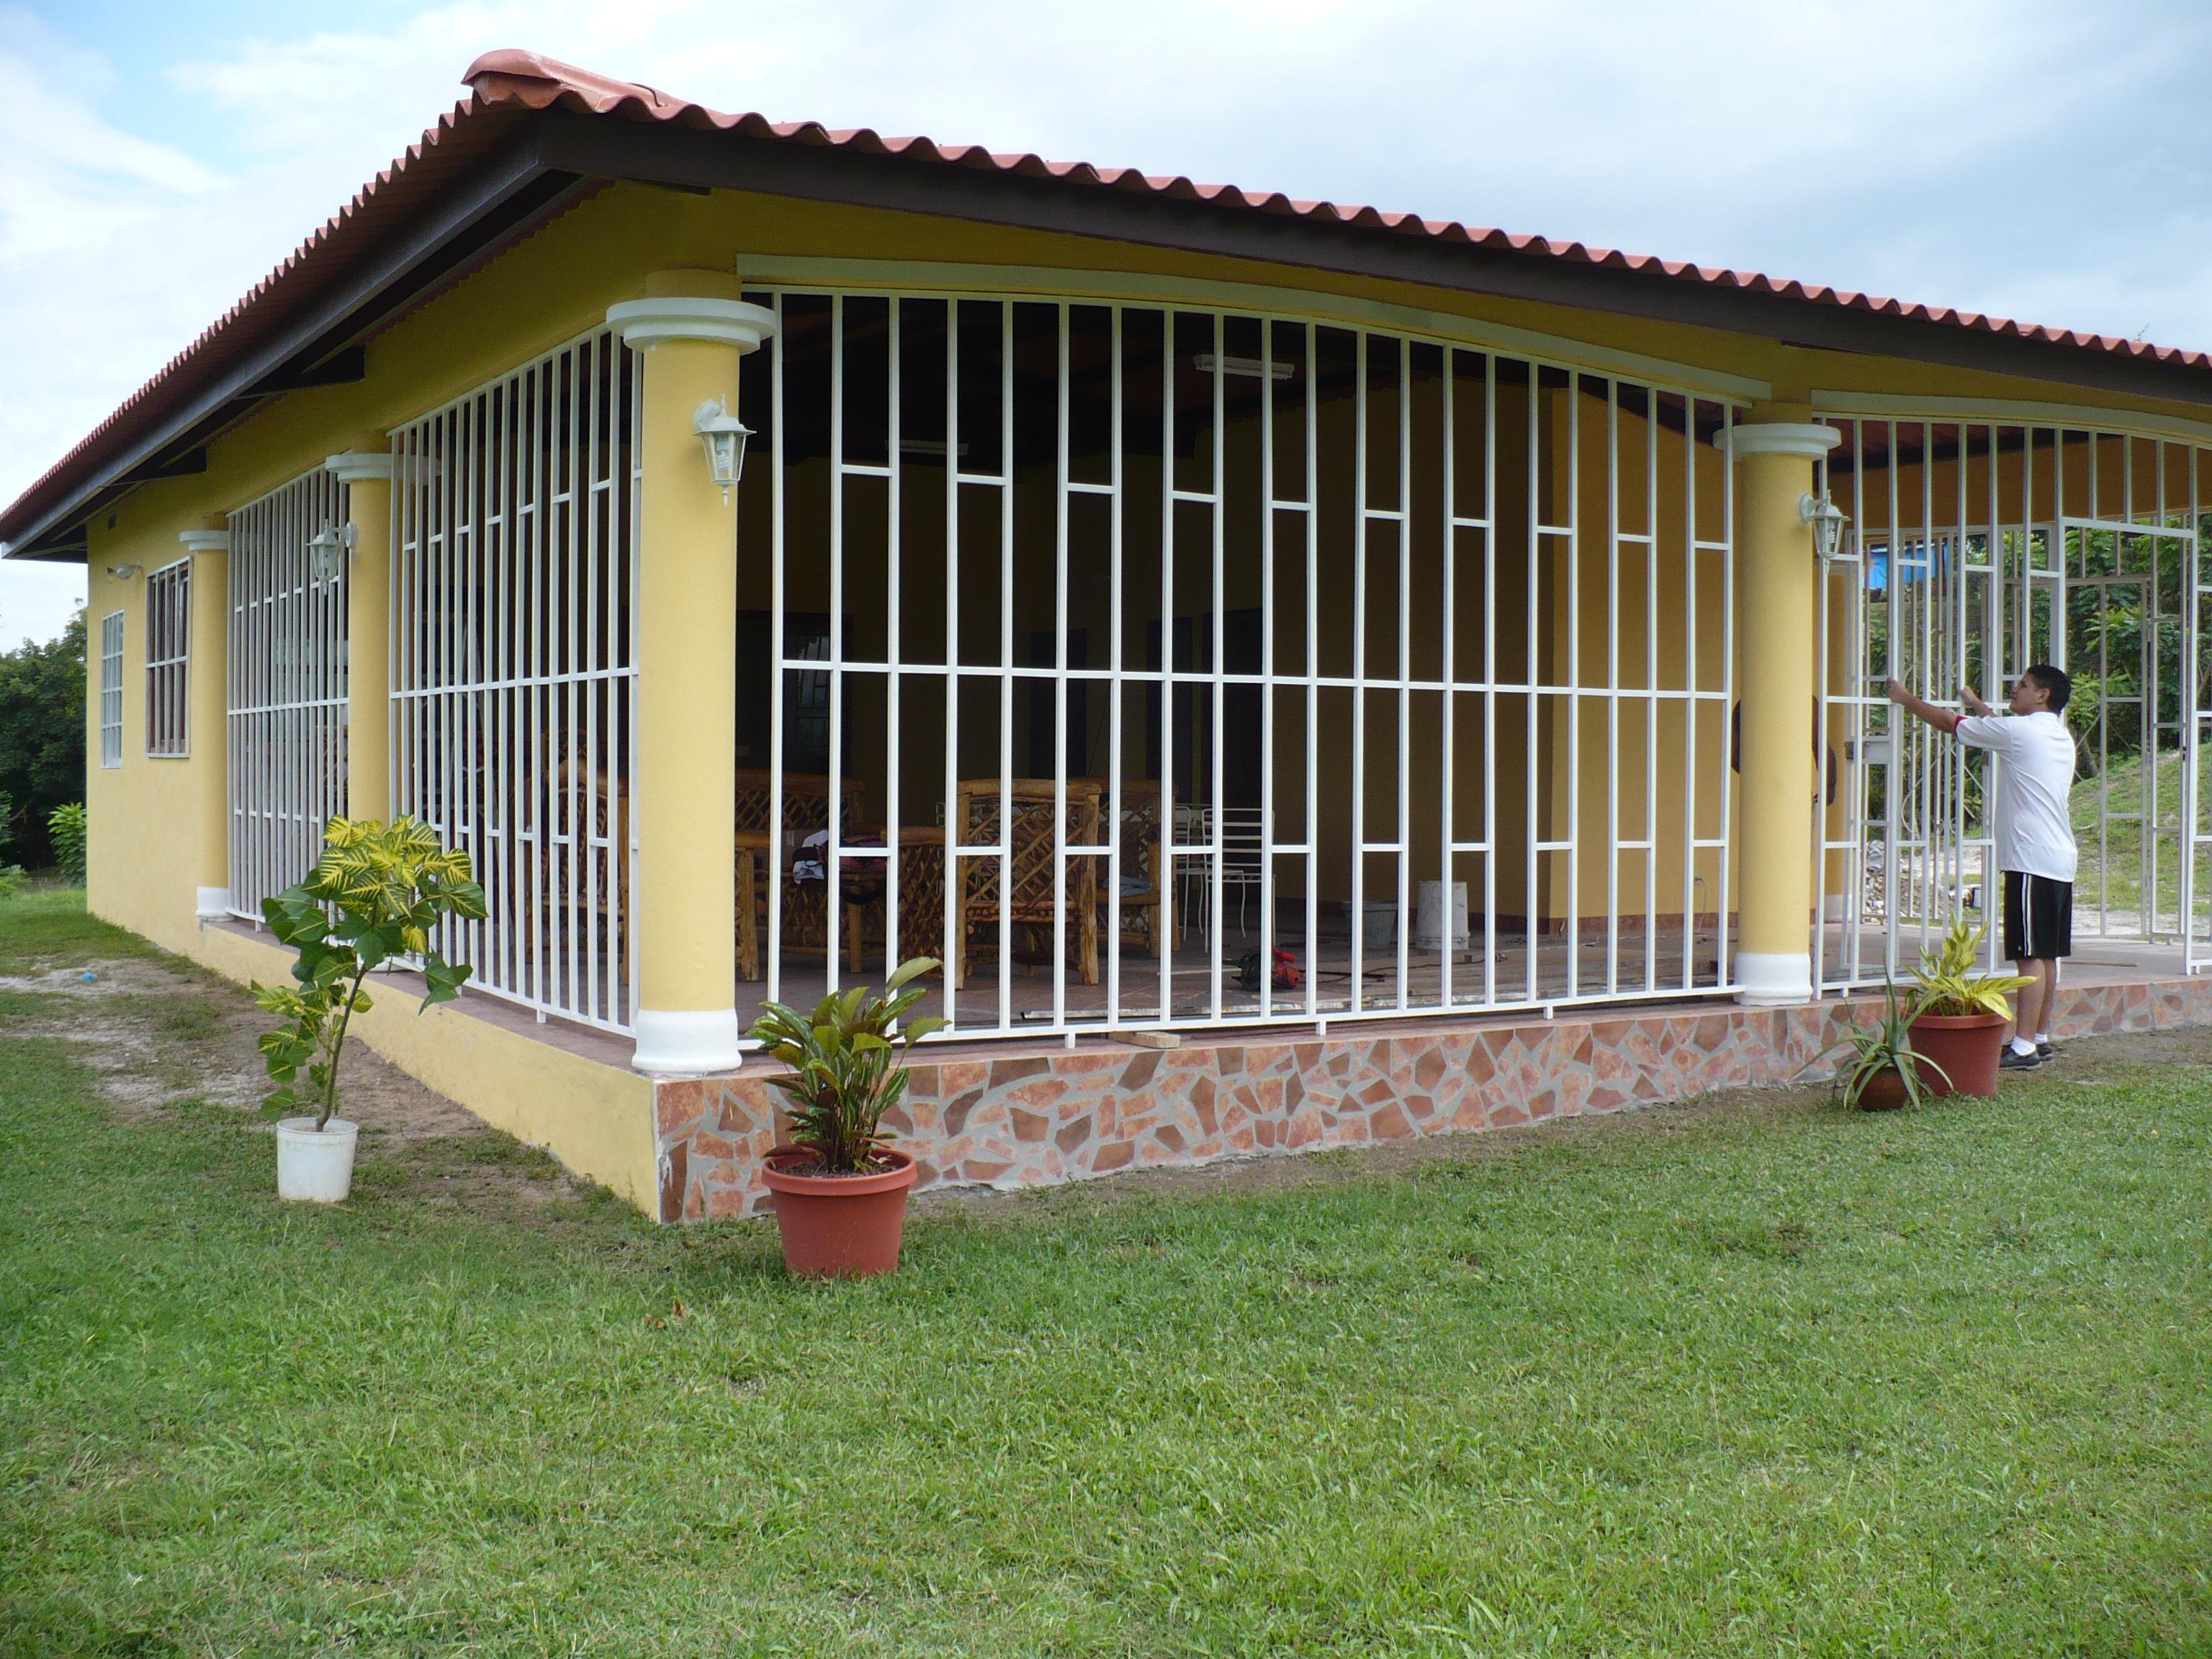 Casa De Campo En Venta, Para El Descanso Y Retiro Familiar   P39352    InmoPanama